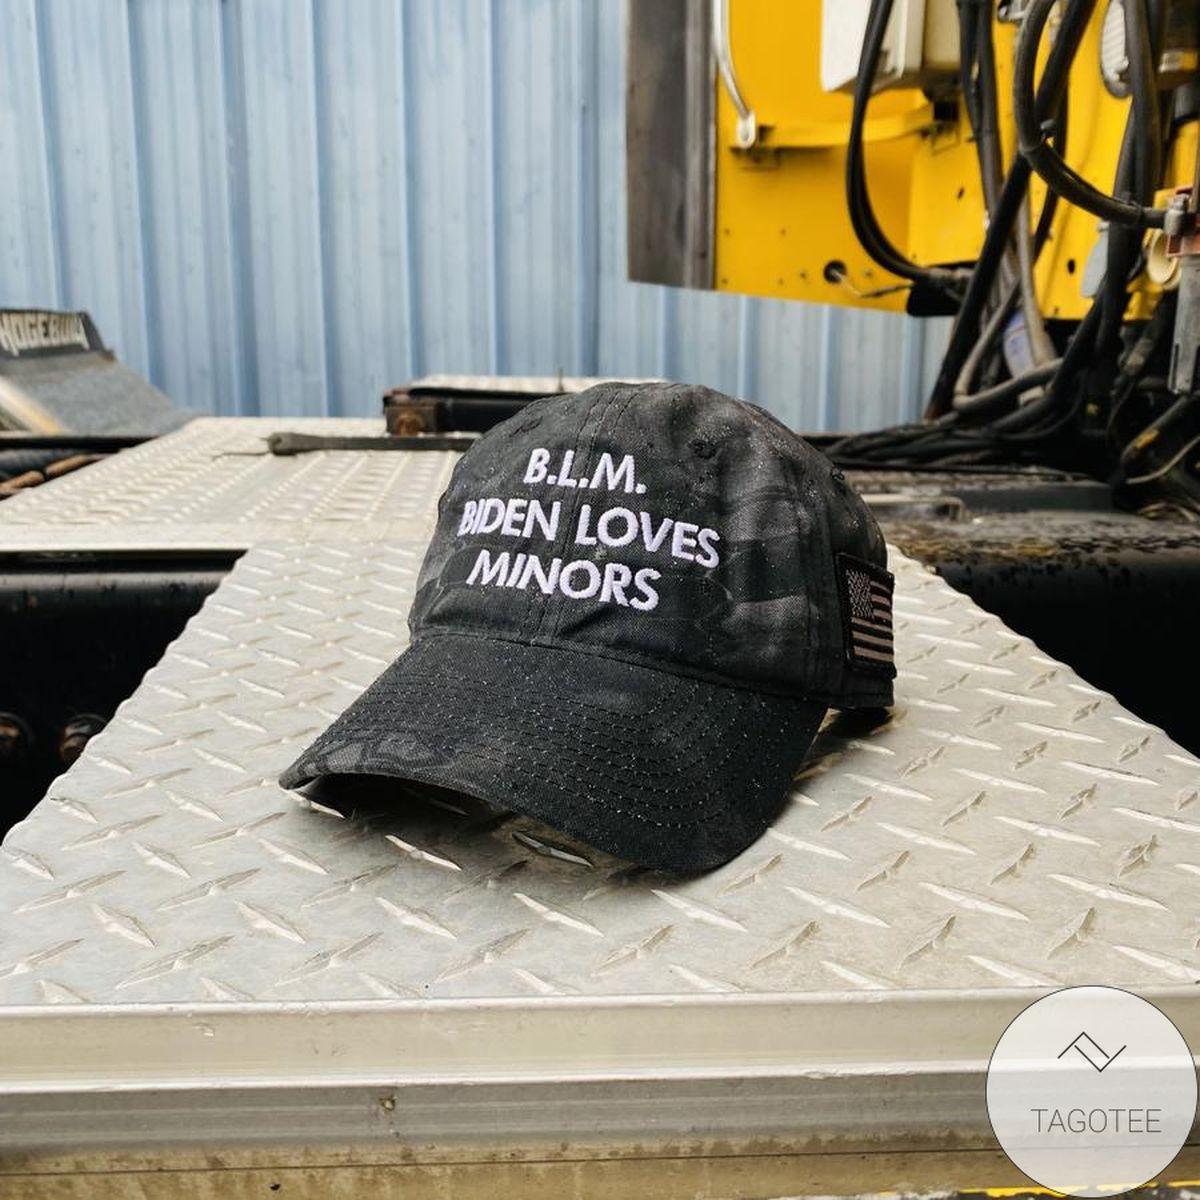 BLM Biden Loves Minors Cap